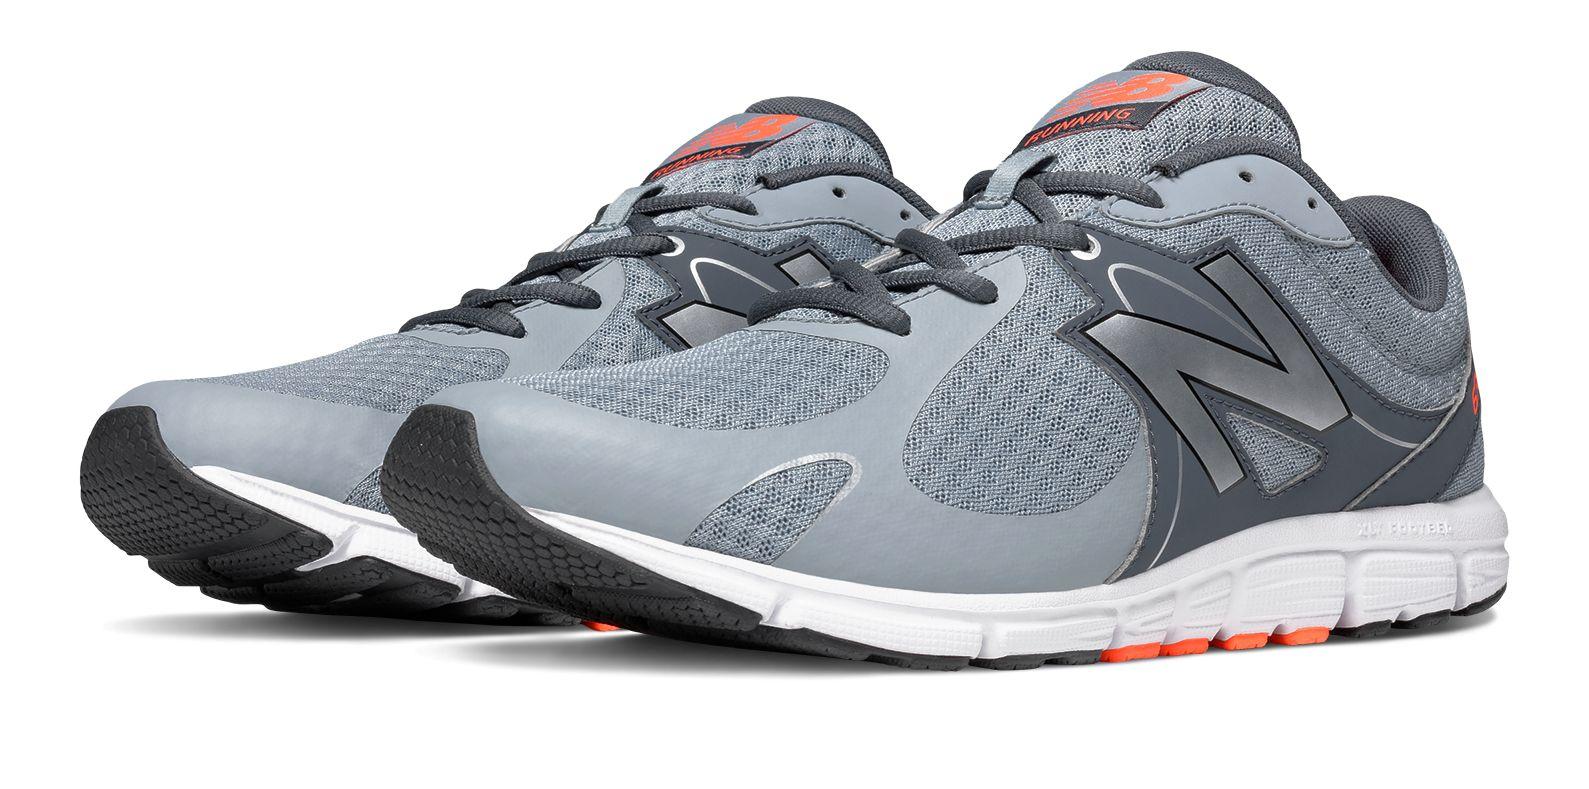 new balance 630v5 男款跑鞋